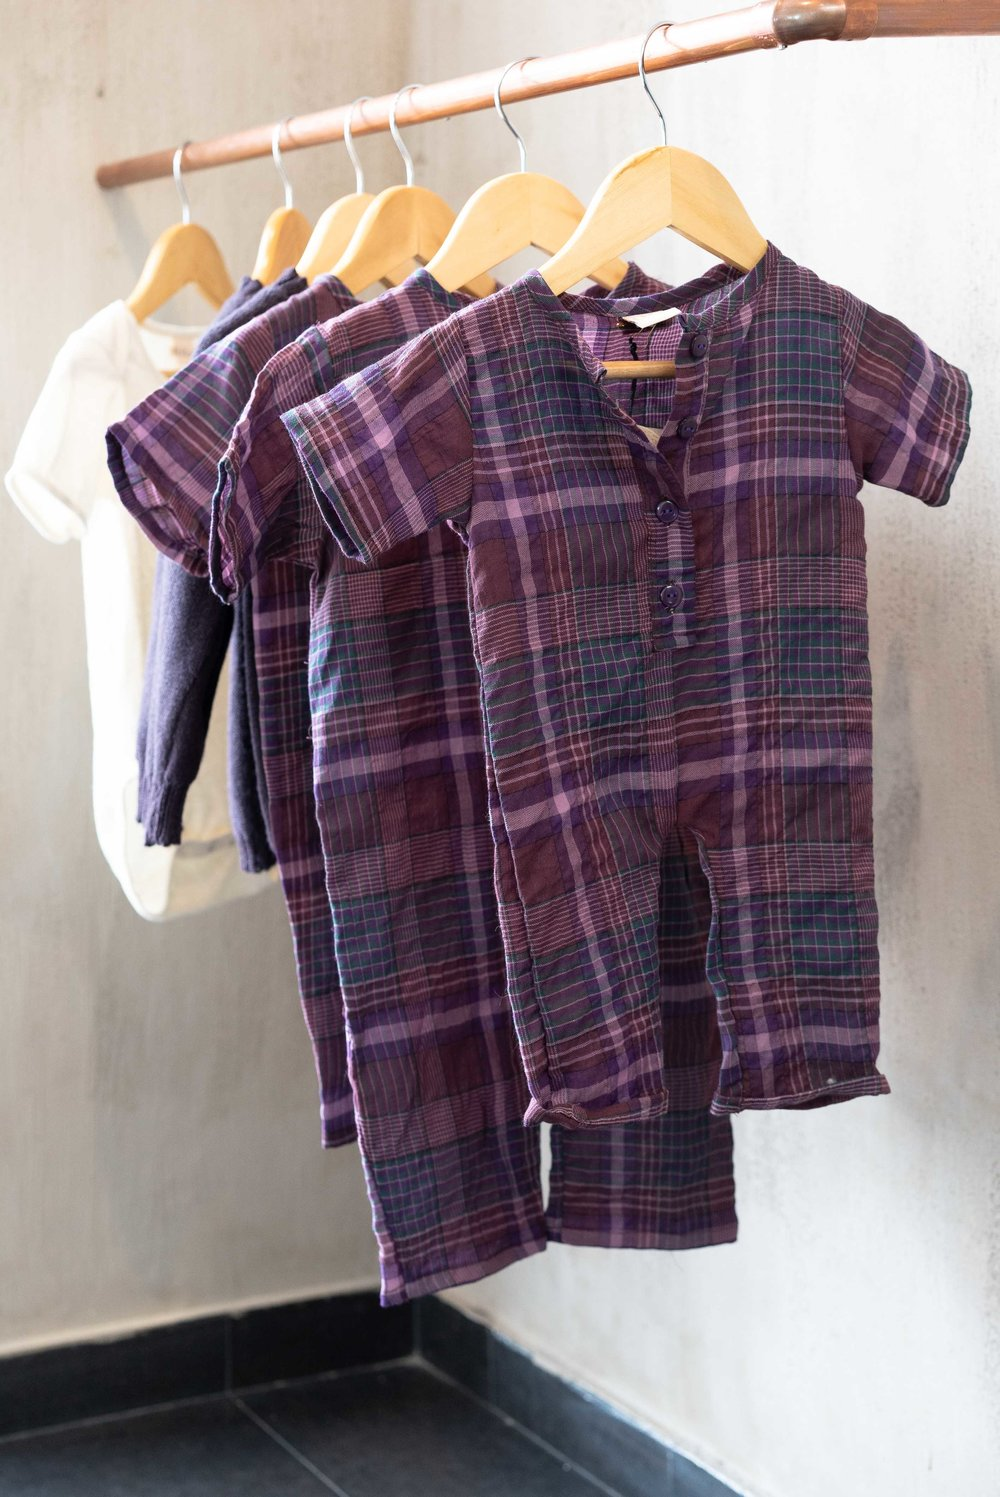 La ropa infantil de Leda es una solución ecológica para los desechos textiles.